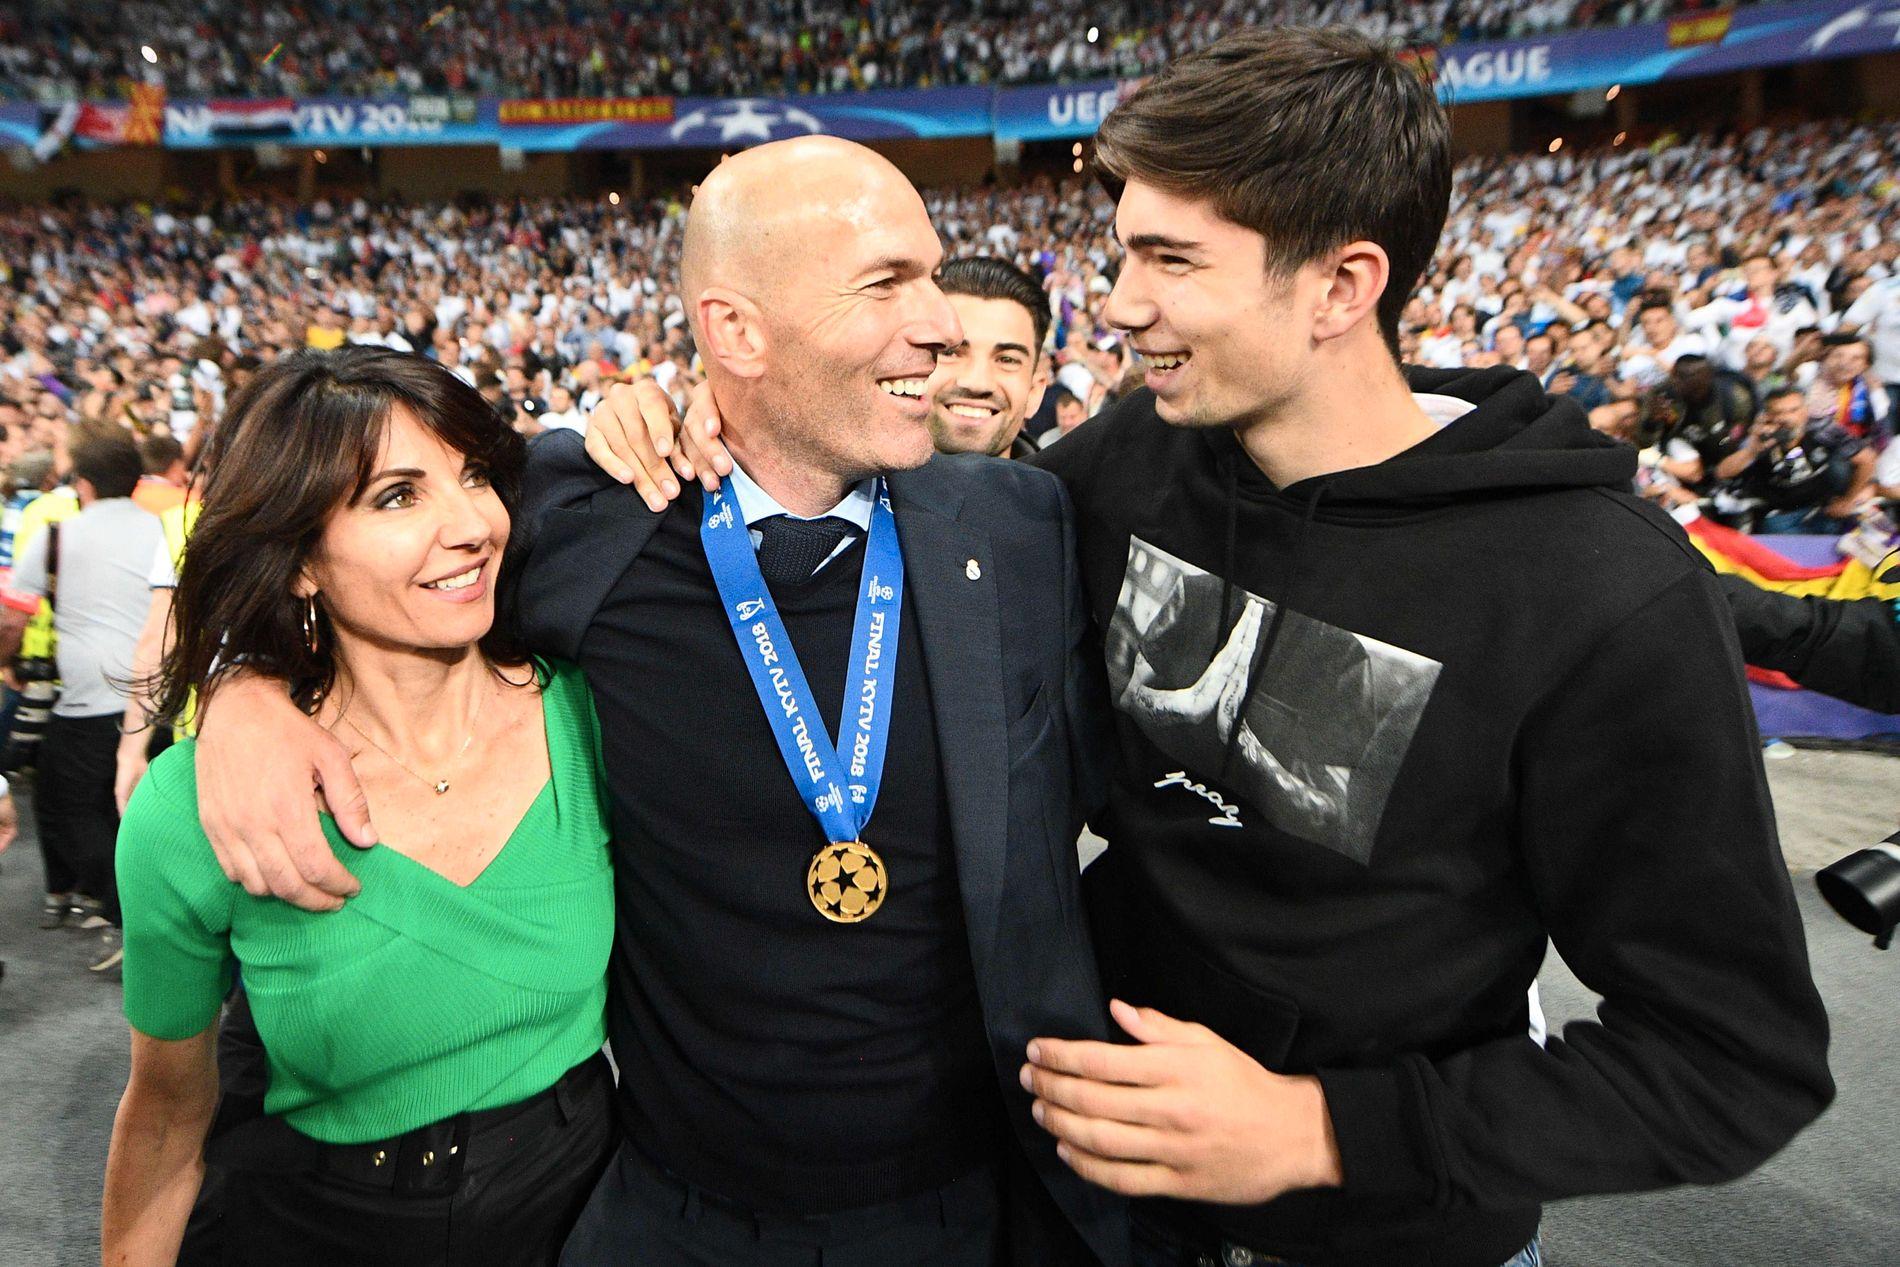 FAMILIEFEIRING: Kona Veronique og sønnen Theo feirer med Zinédine Zidane etter seieren over Liverpool.